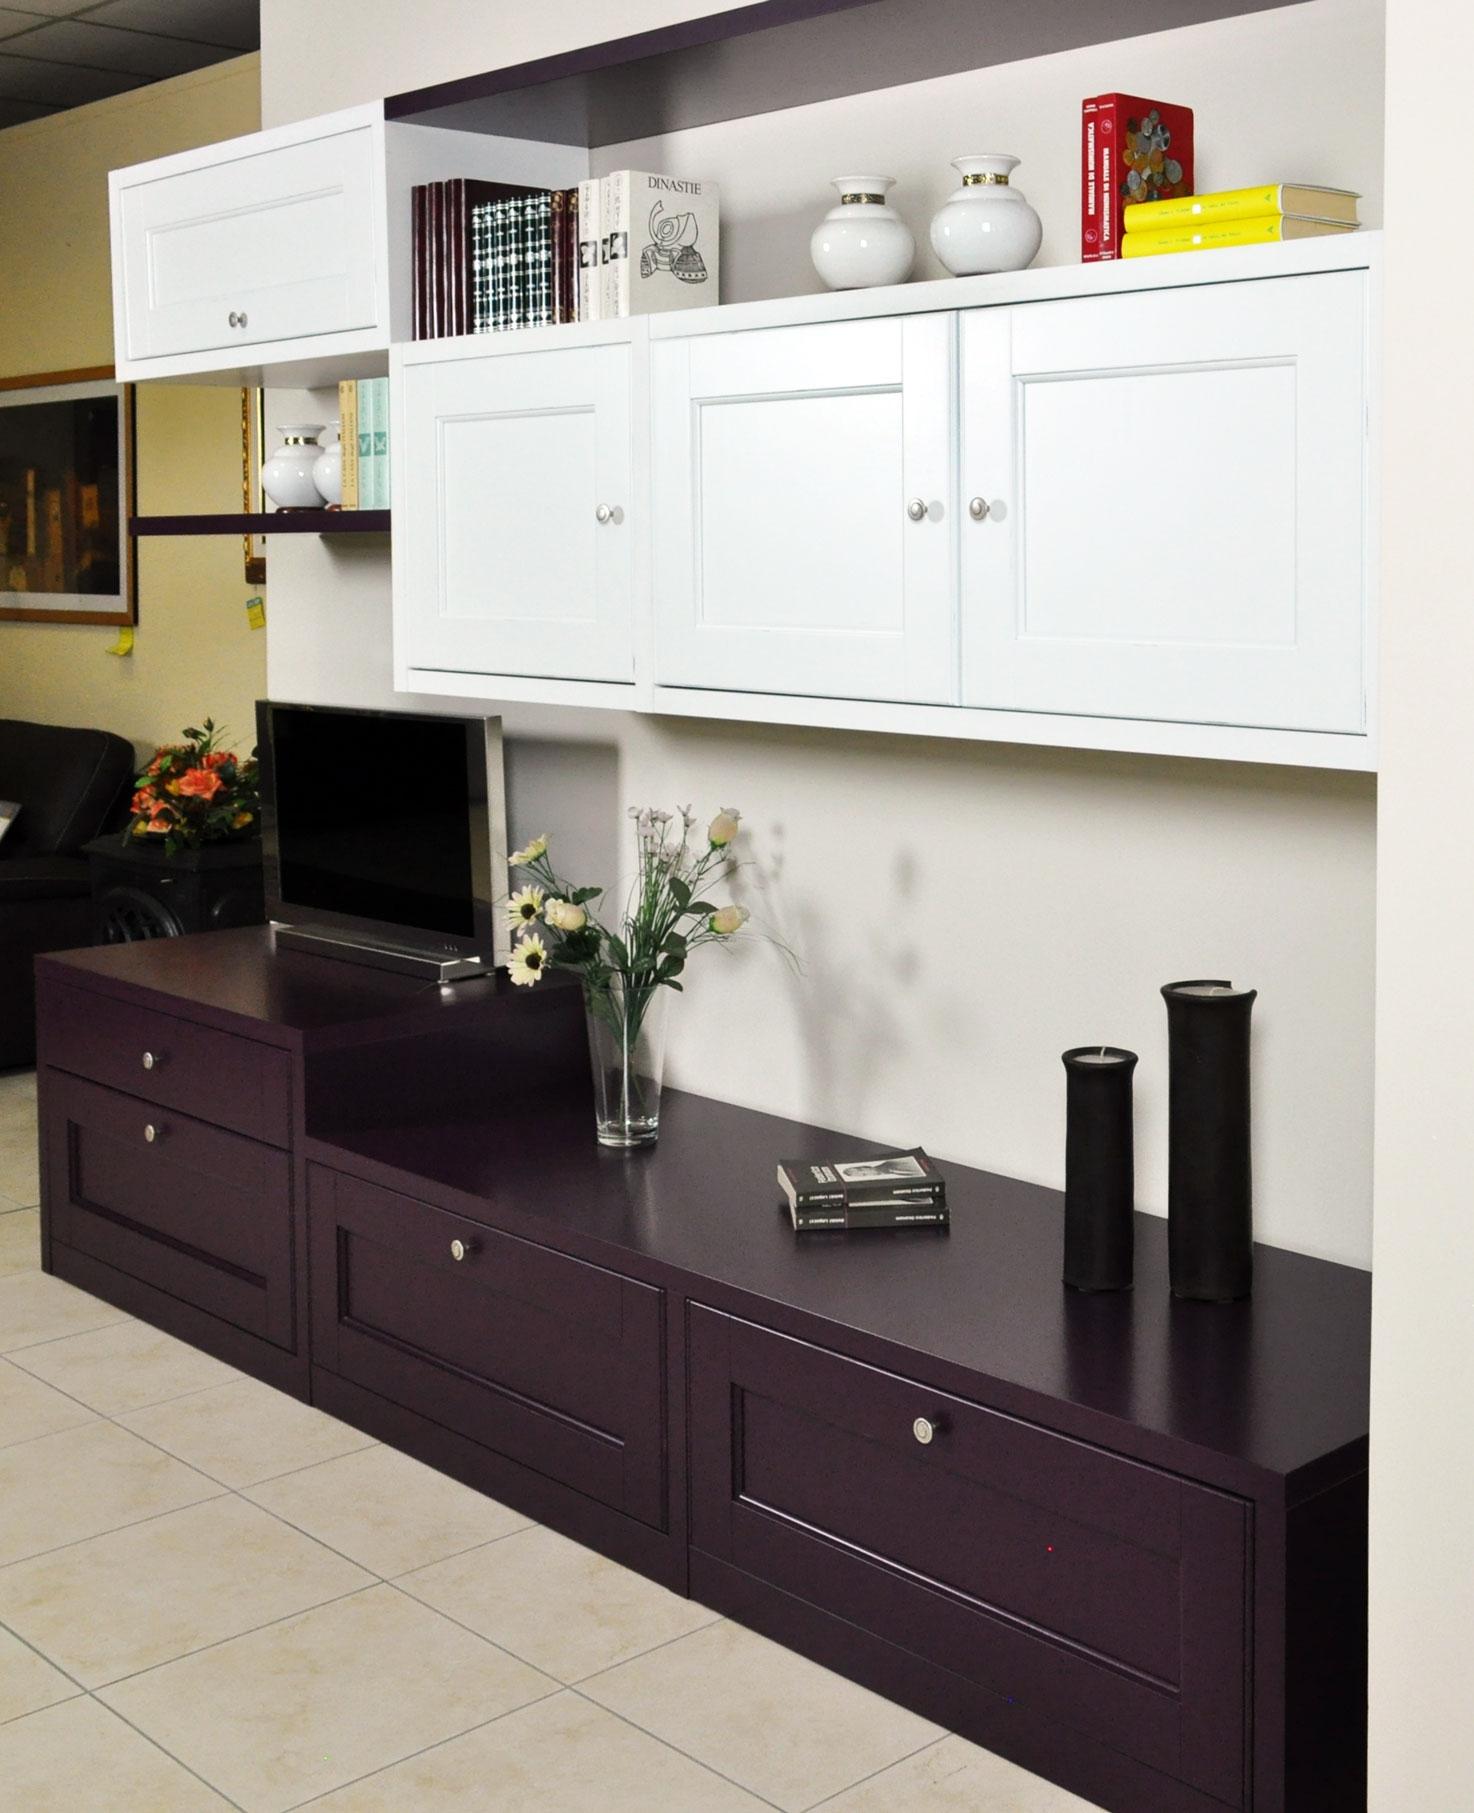 Modelli di cucine in muratura for Modelli di cucine